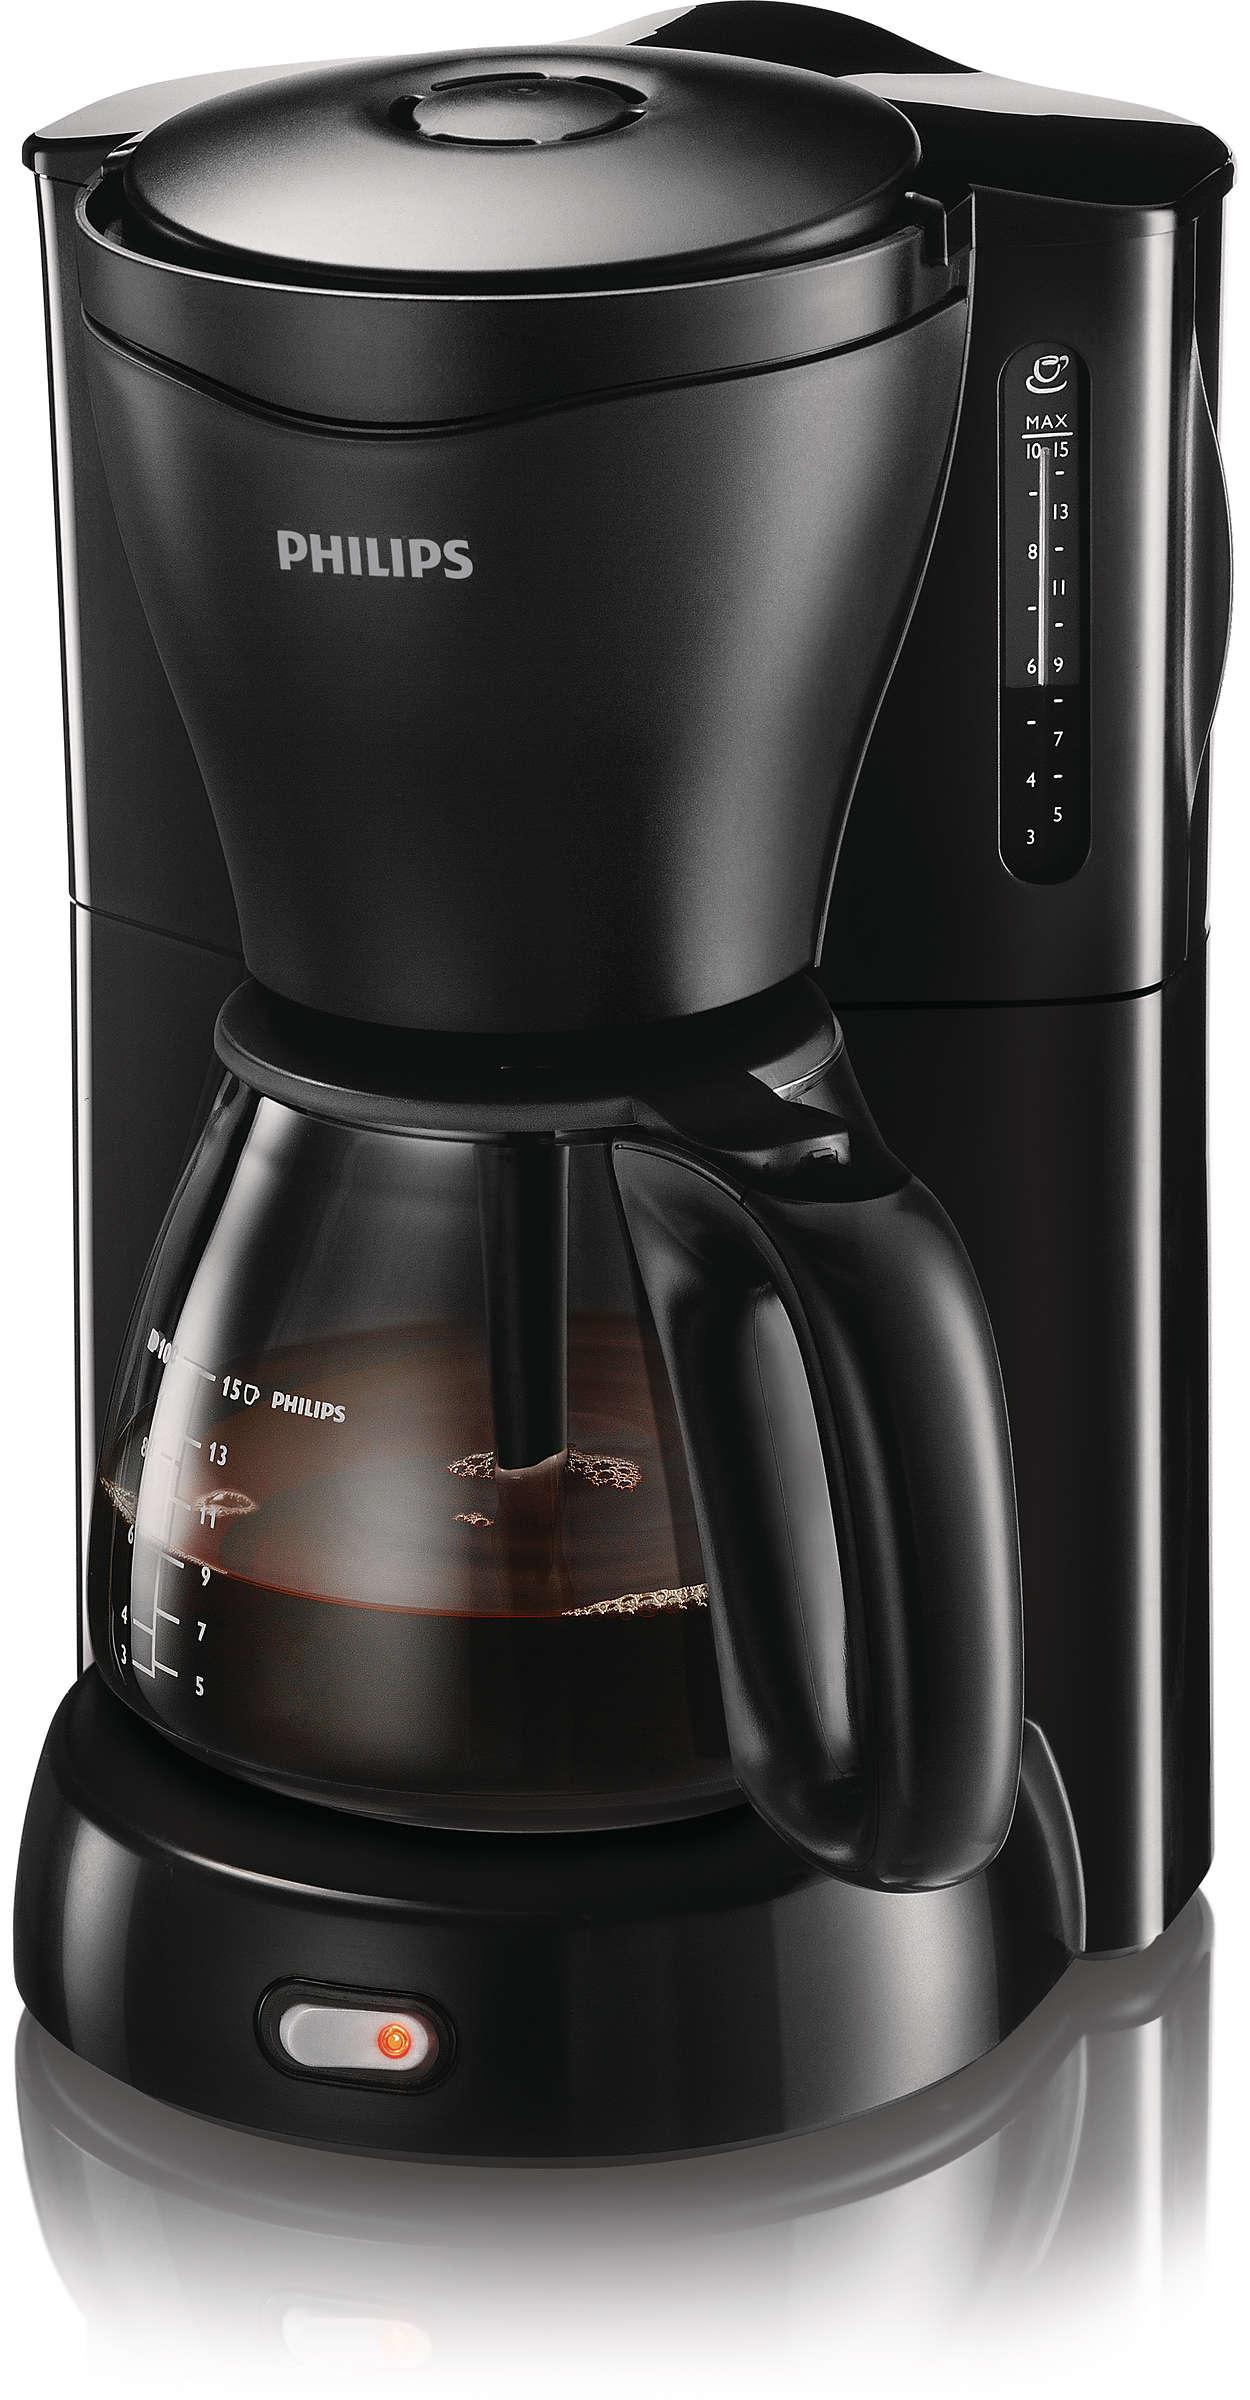 Óptimo café até à última gota